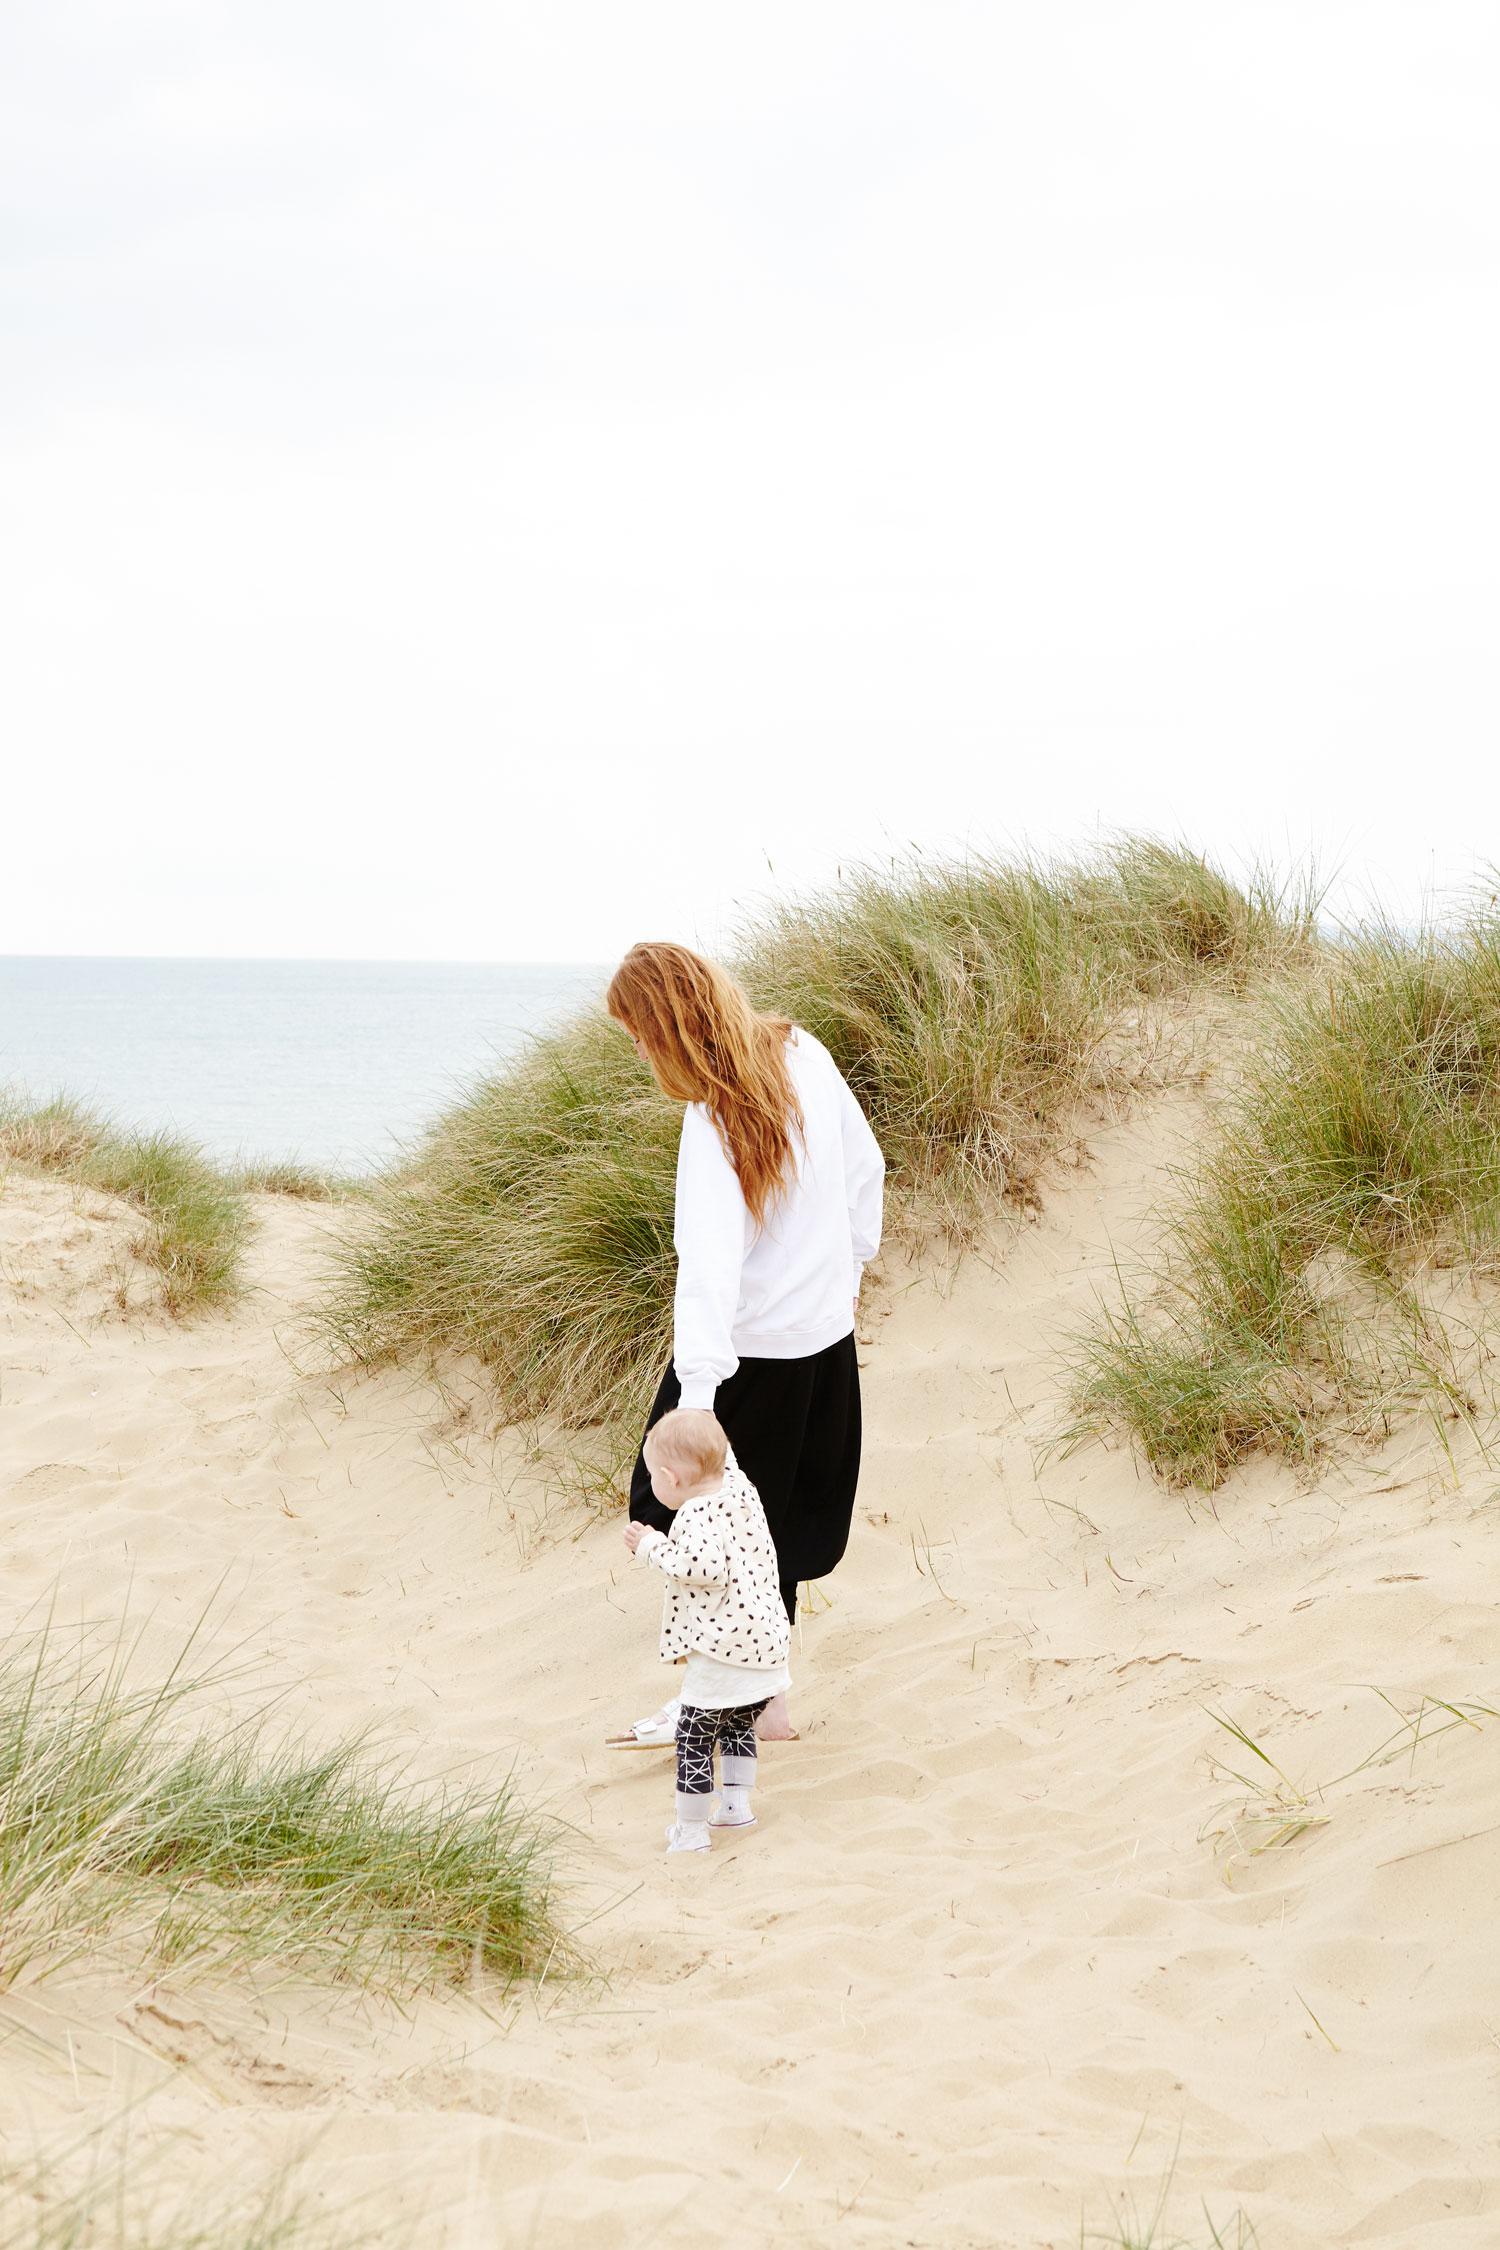 CamberSands_beach_mother_daughter.jpg